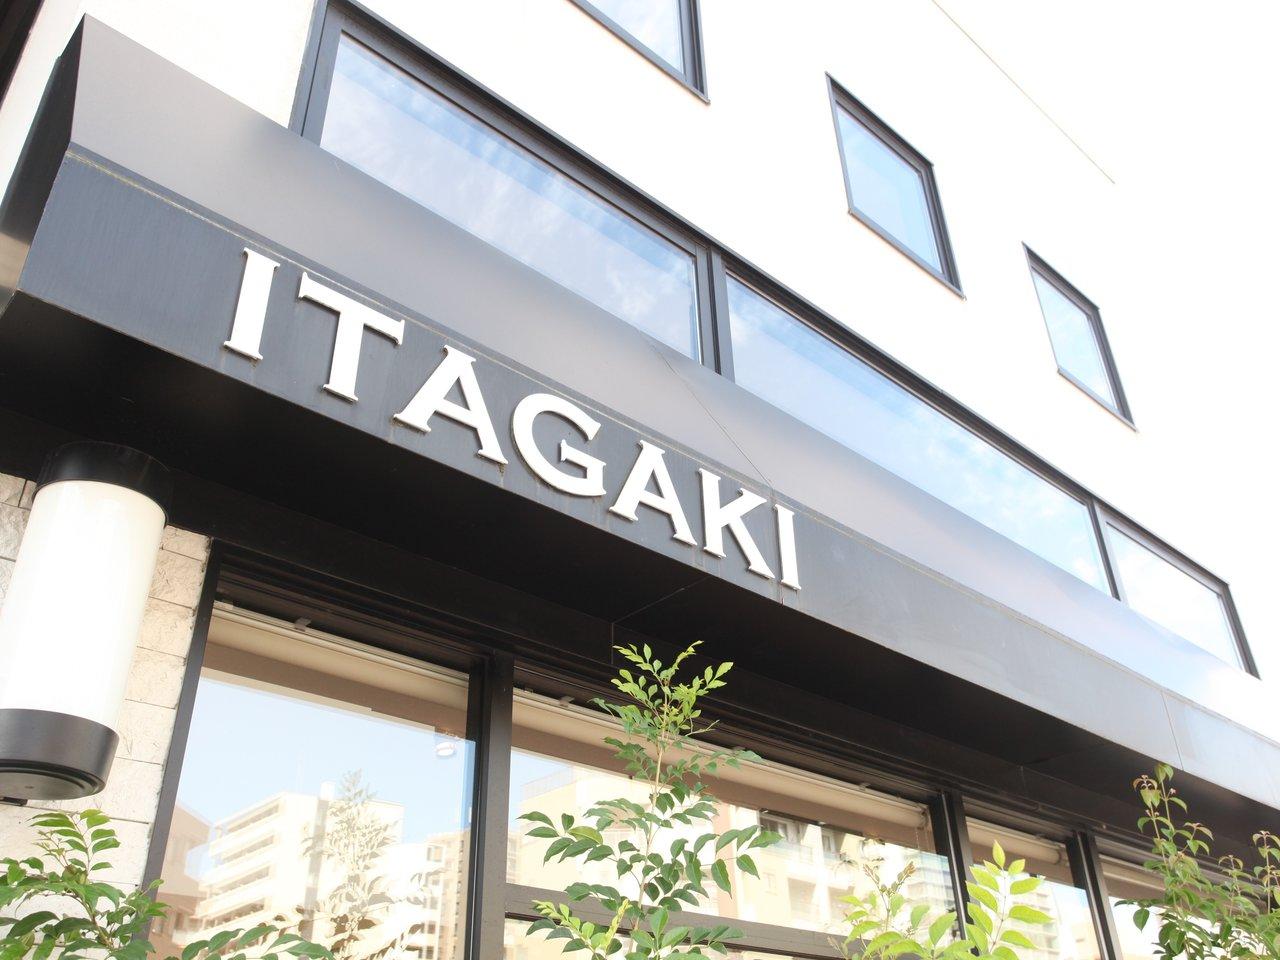 【仙台】キラキラ輝く宝石箱のようなカフェ「いたがき 本店」